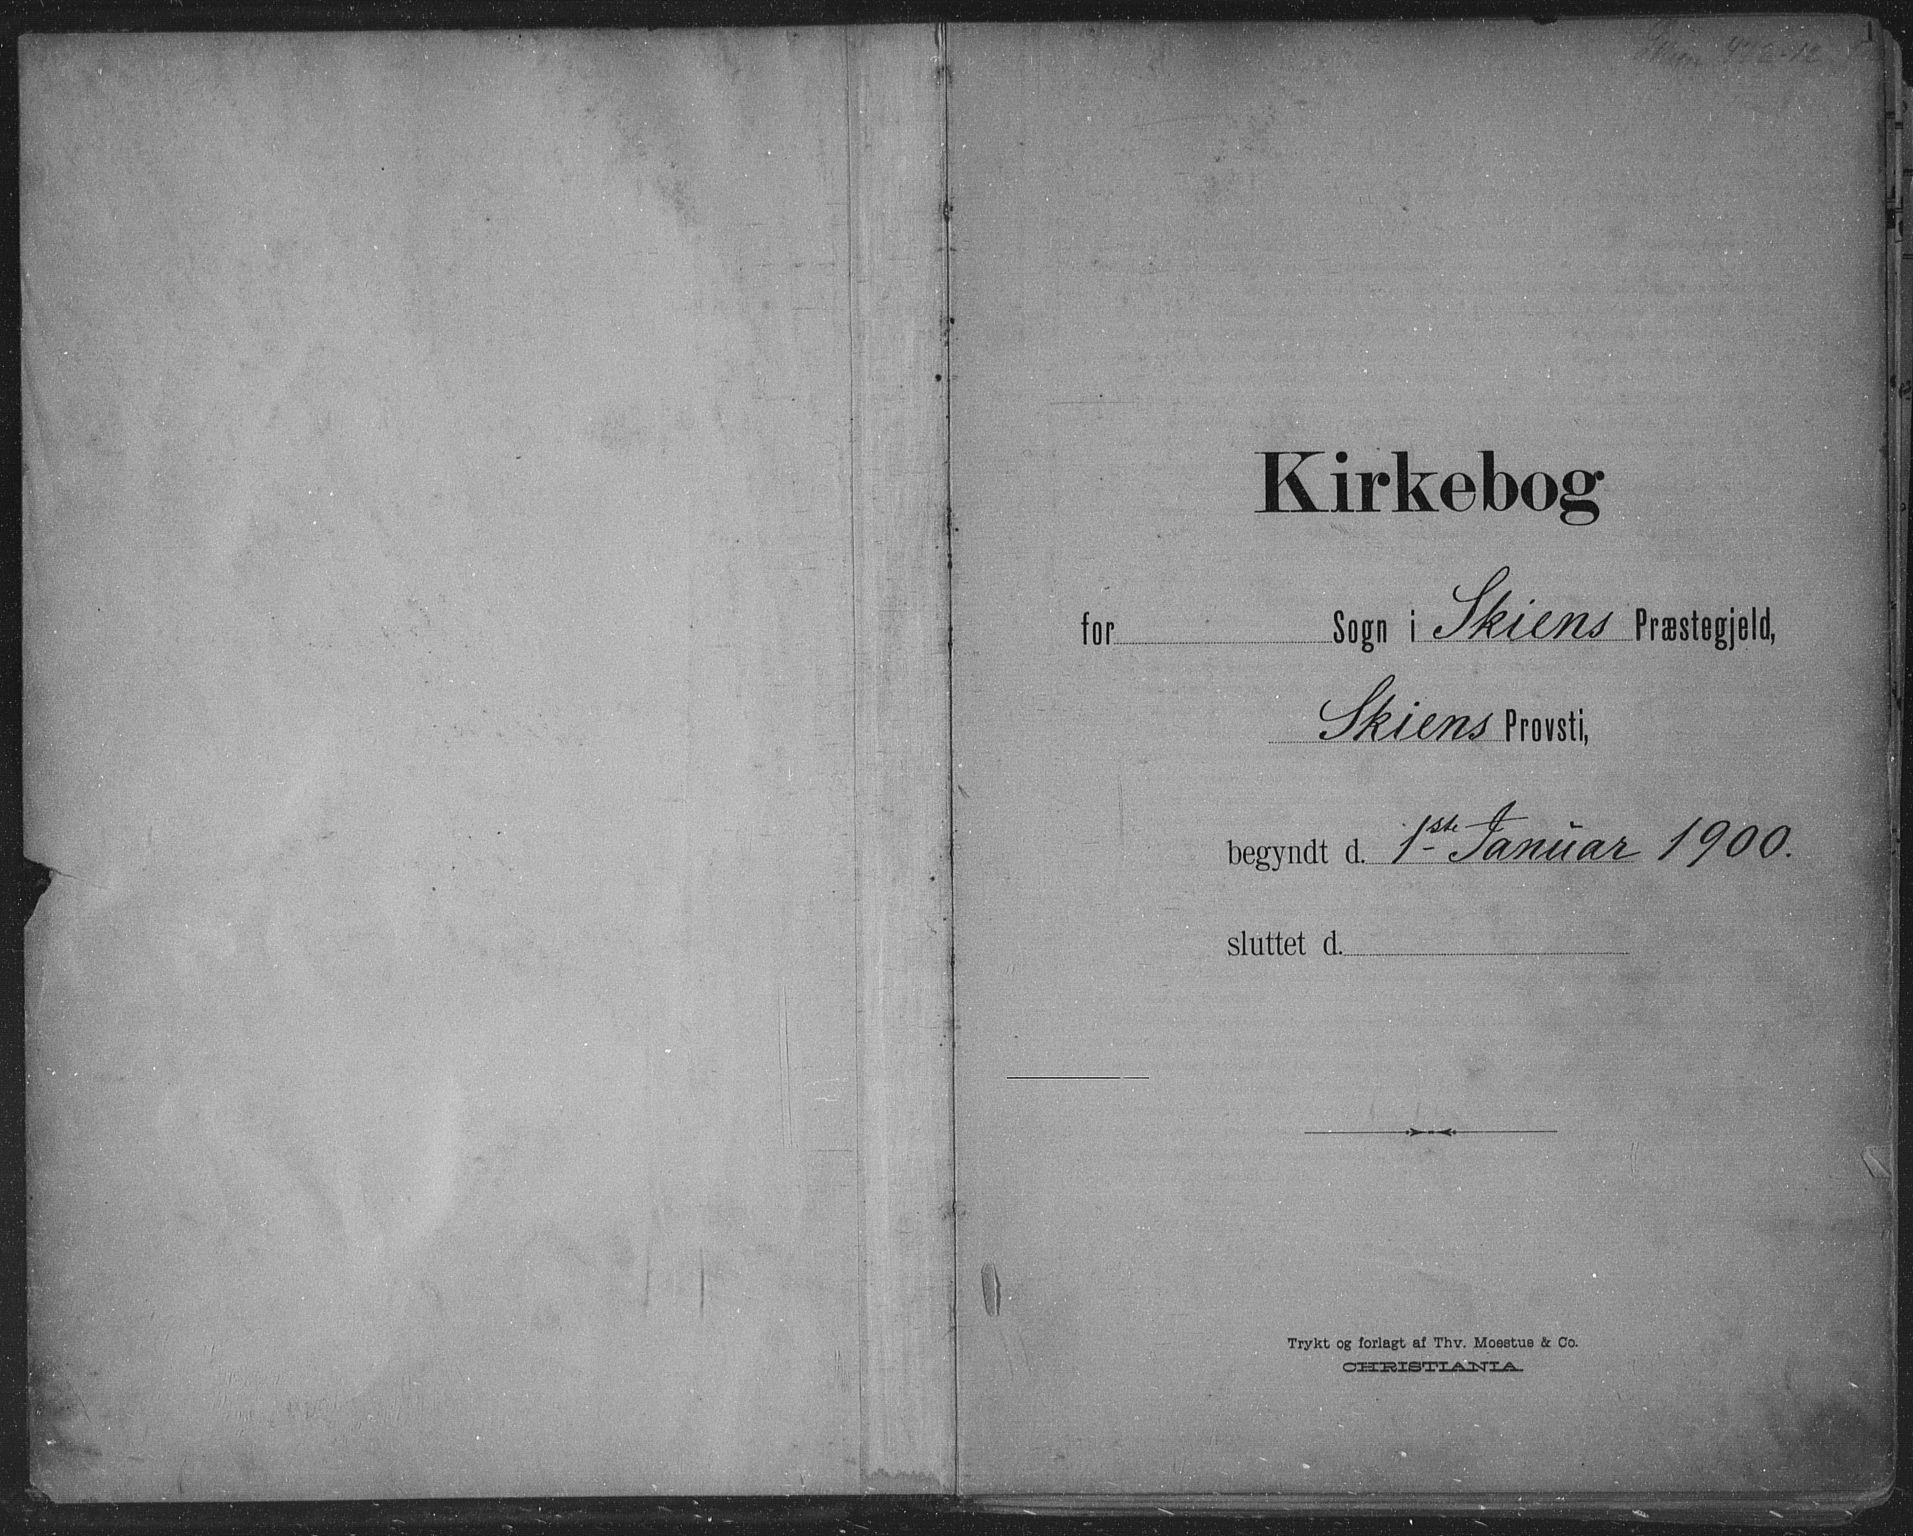 SAKO, Skien kirkebøker, F/Fa/L0011: Ministerialbok nr. 11, 1900-1907